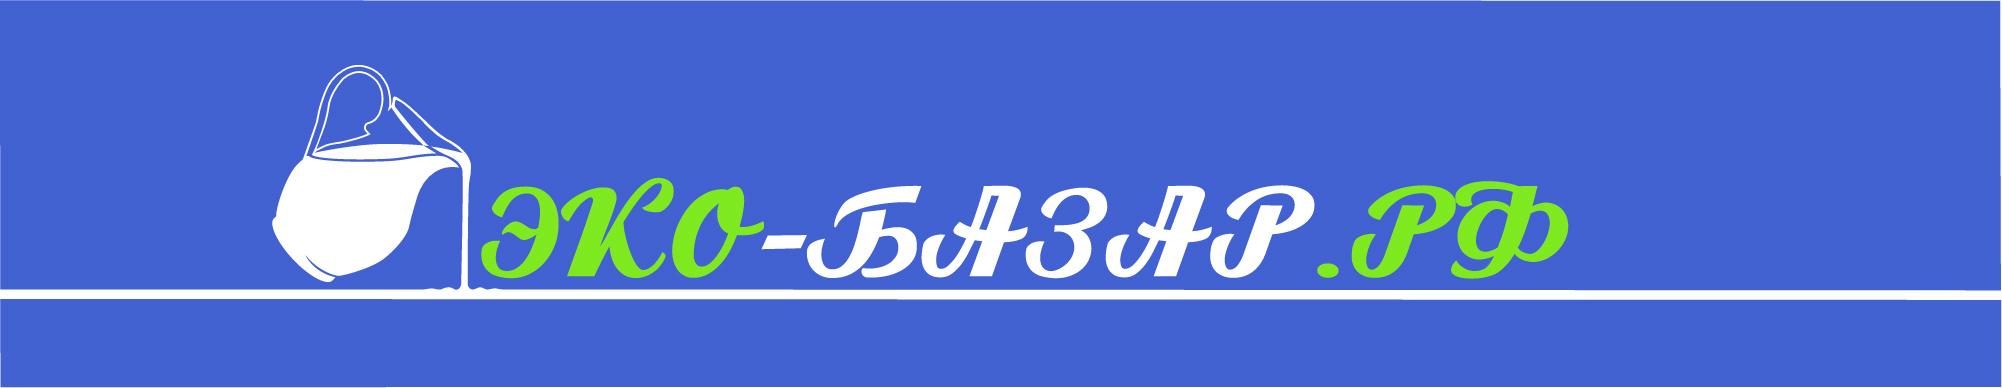 Логотип компании натуральных (фермерских) продуктов фото f_79359402a0e74f5c.jpg